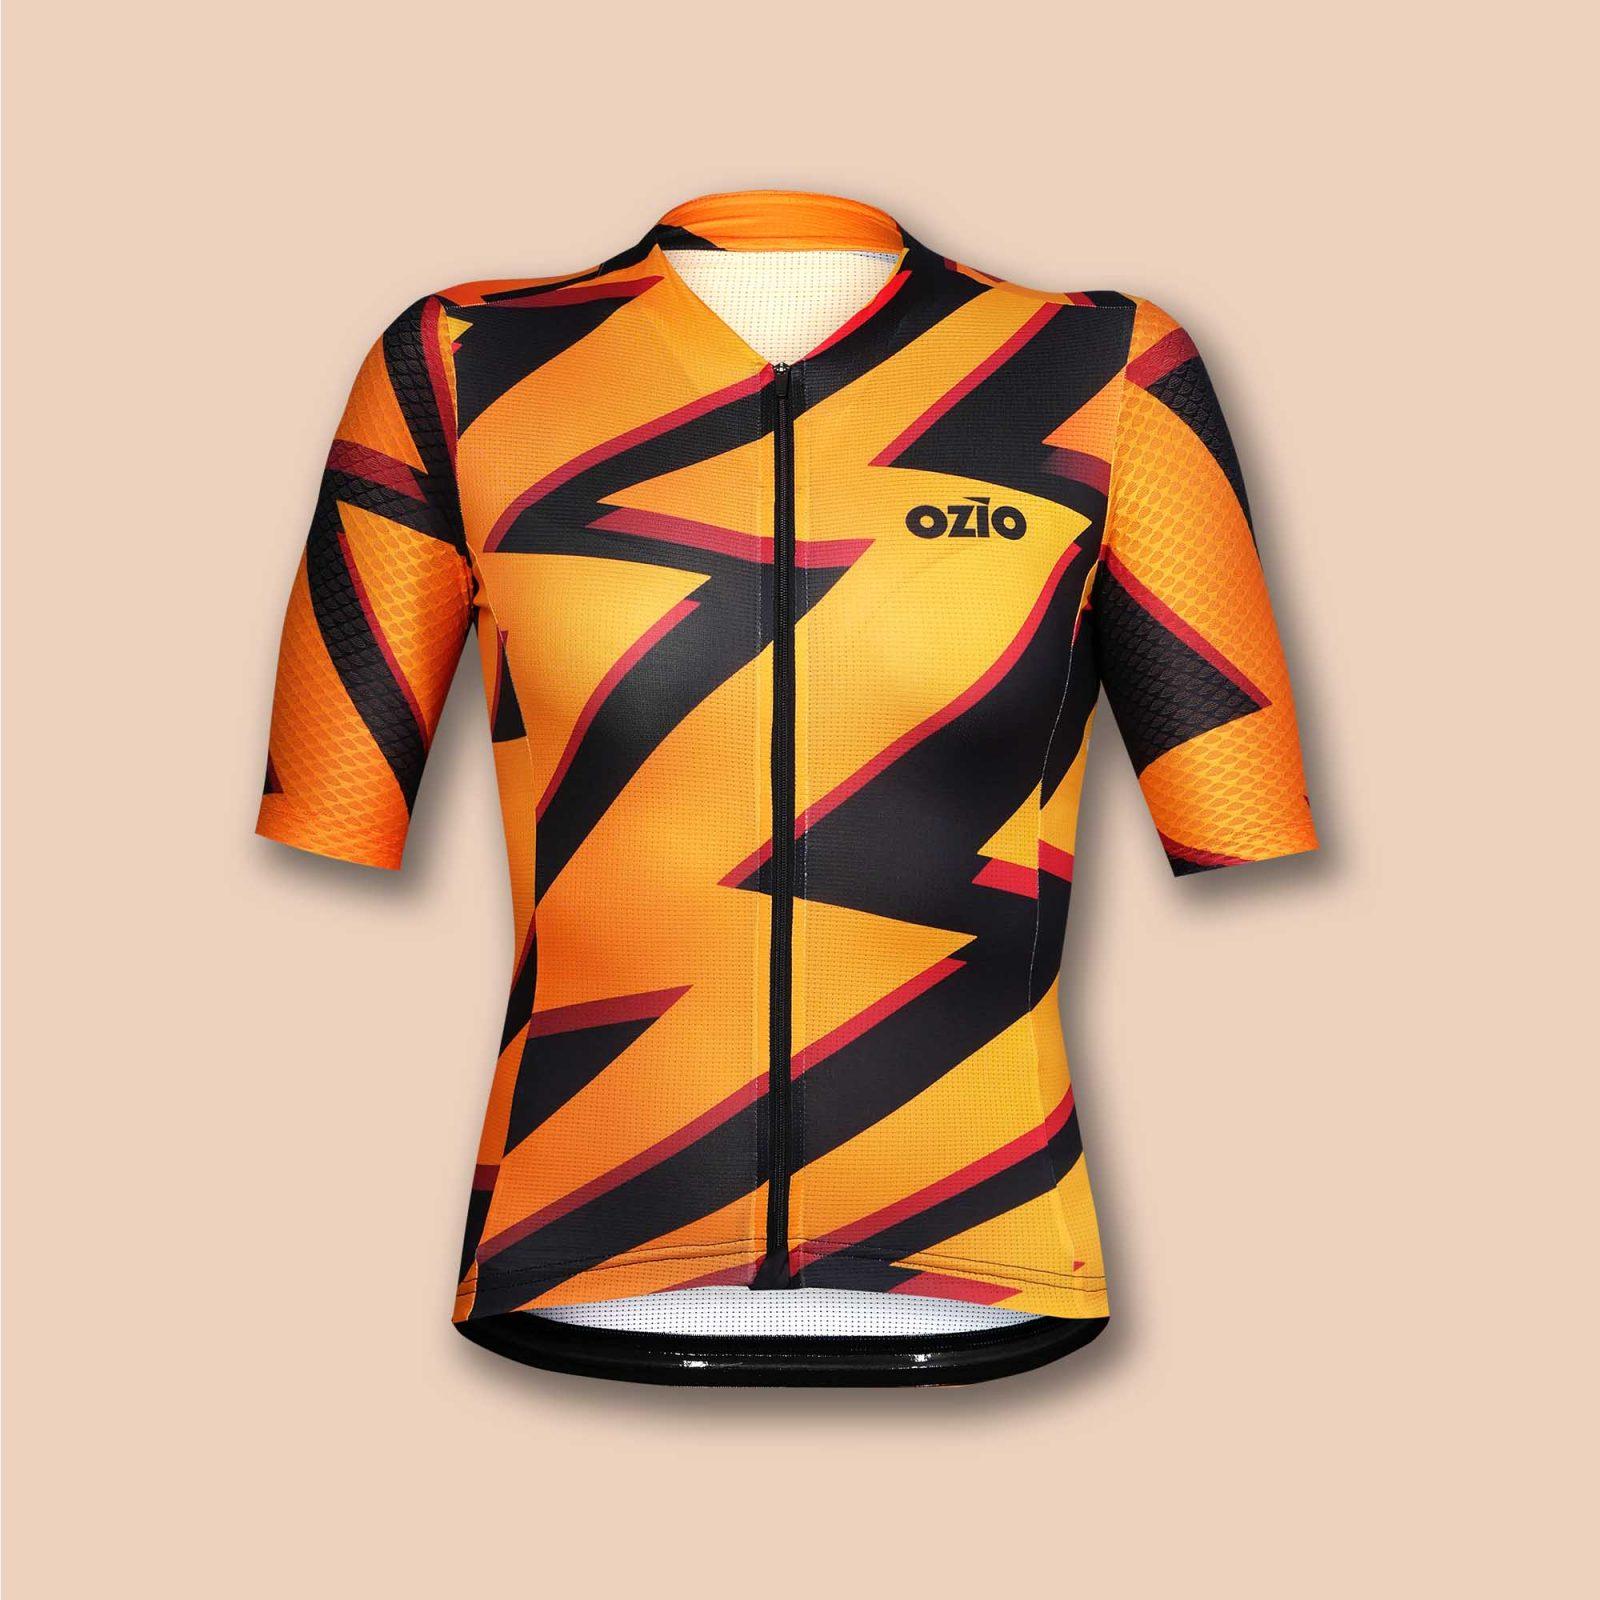 Maillot vélo femme orange et noir